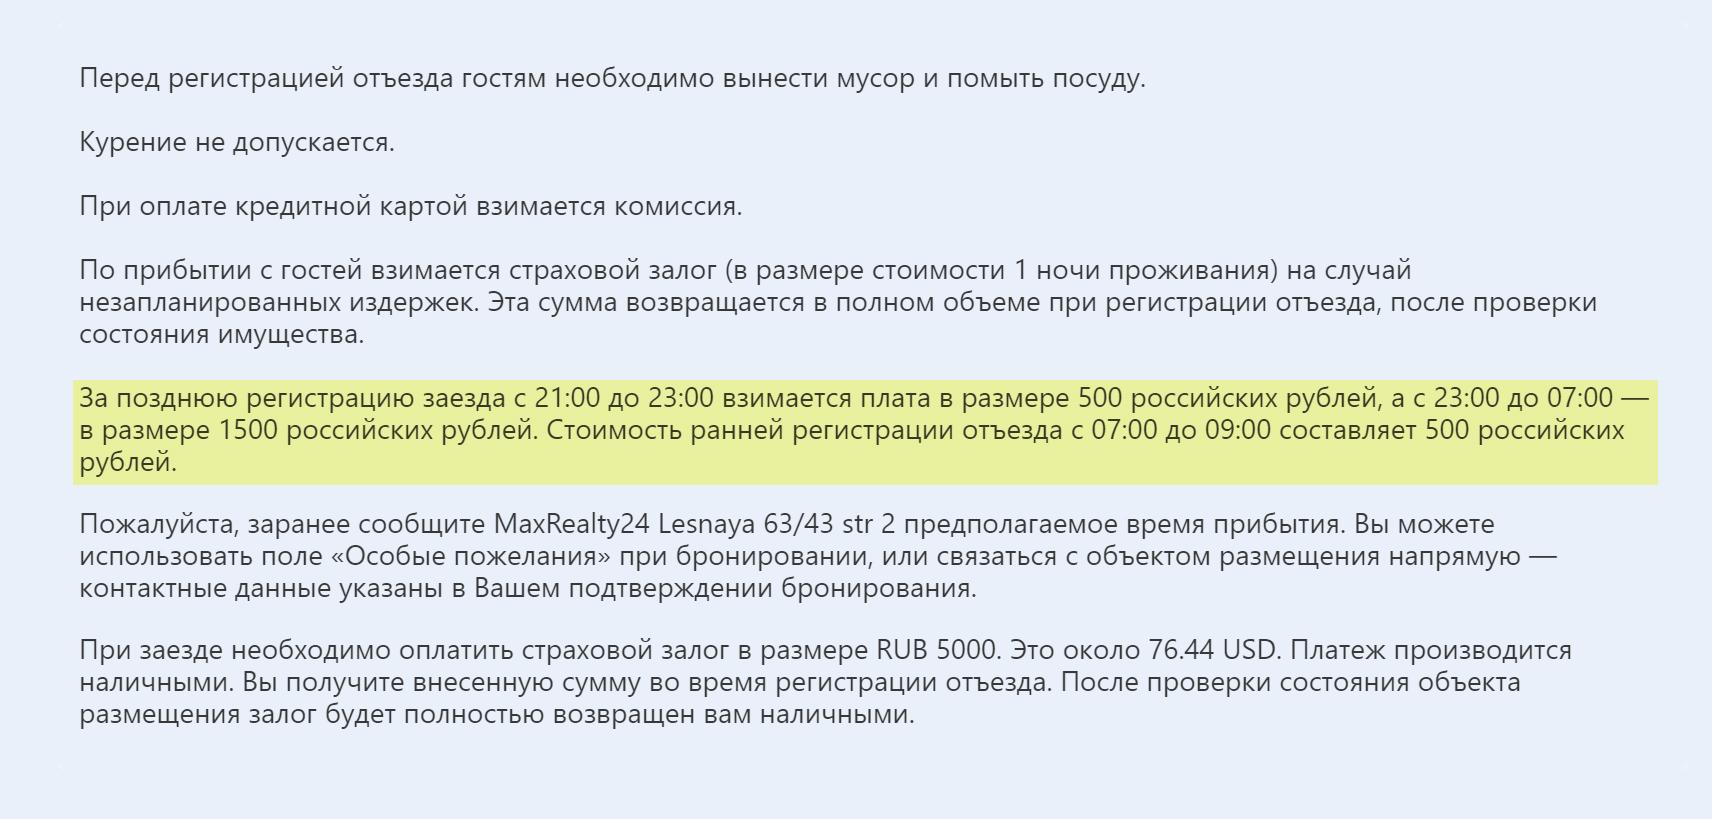 Отель берет деньги за позднюю регистрацию и ранний выезд — от 500 до 1500 рублей. А еще просят вынести мусор и помыть посуду перед отъездом — не самая удобная опция